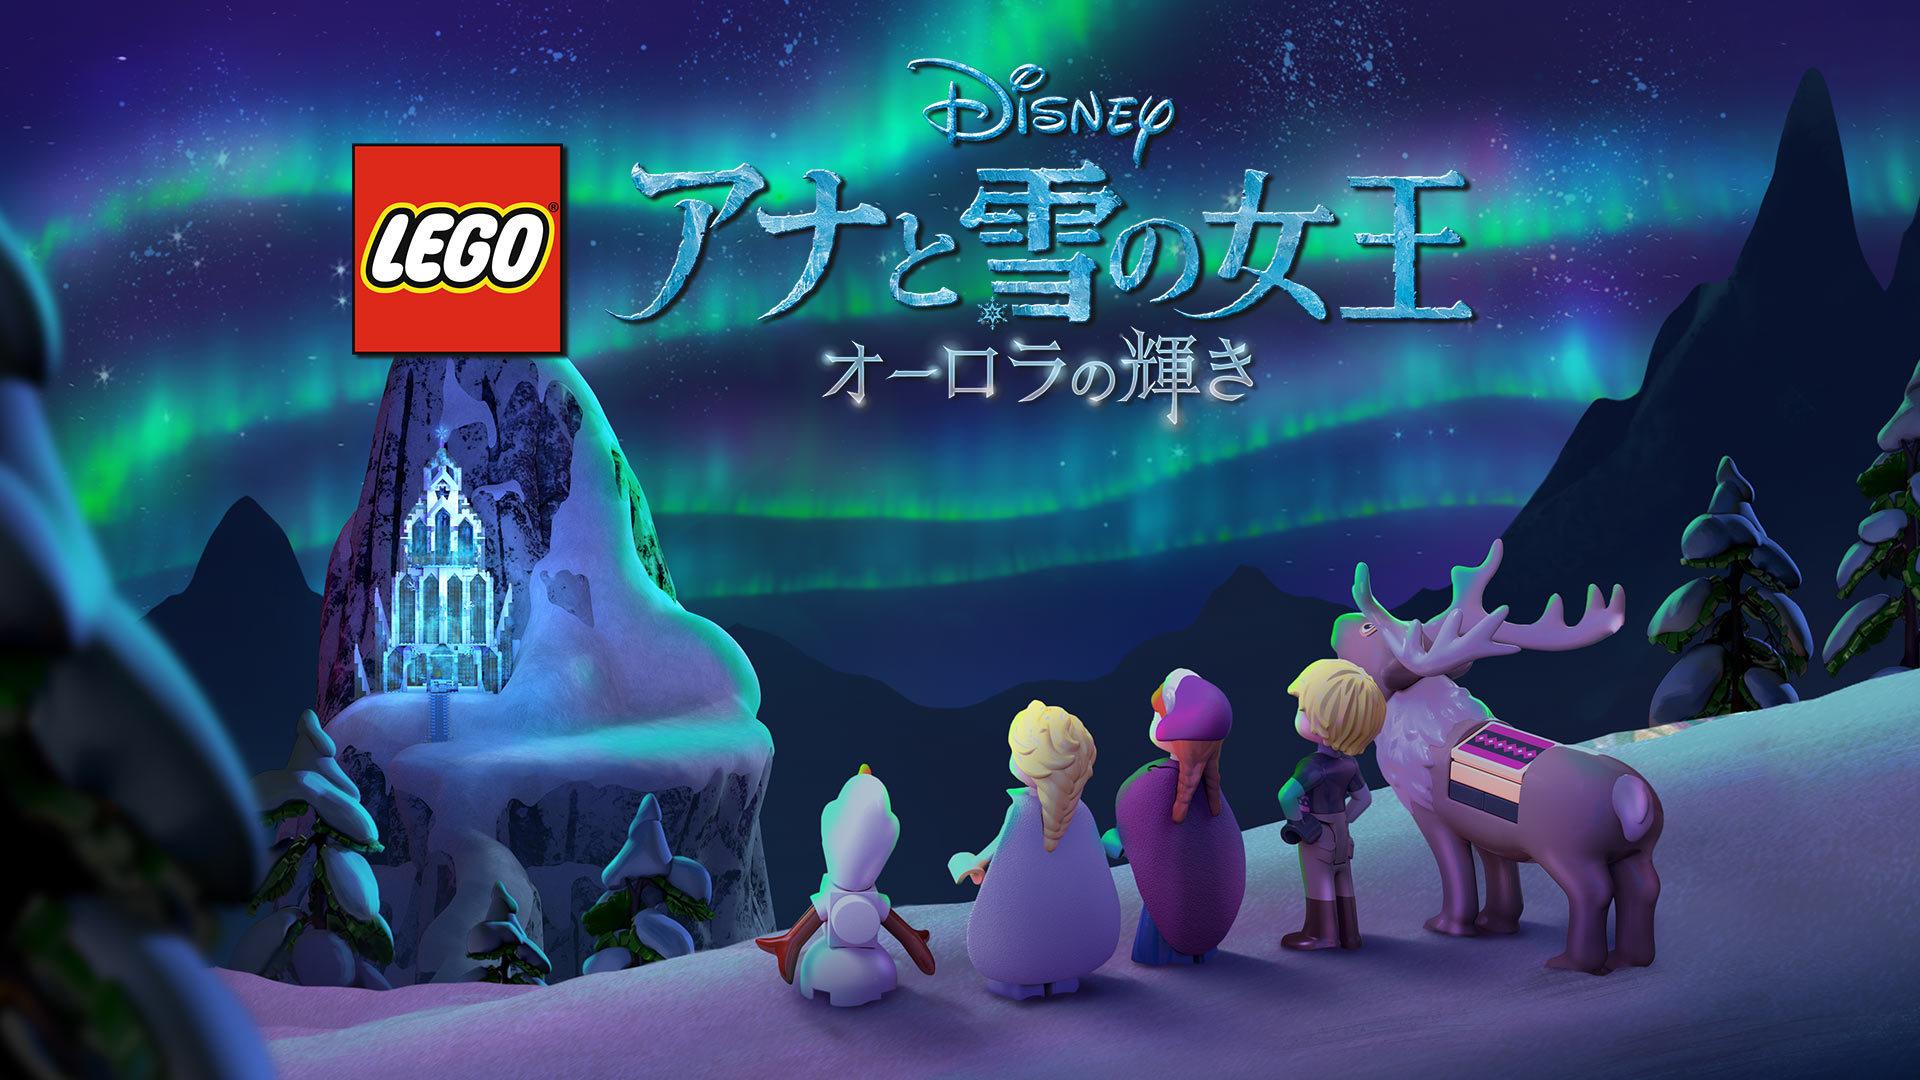 画像 アナ雪 のアニメ 実写 Lego ドキュメンタリーなどを集めた アナと雪の女王 特集がディズニーデラックスでスタート の画像5 12 Spice エンタメ特化型情報メディア スパイス